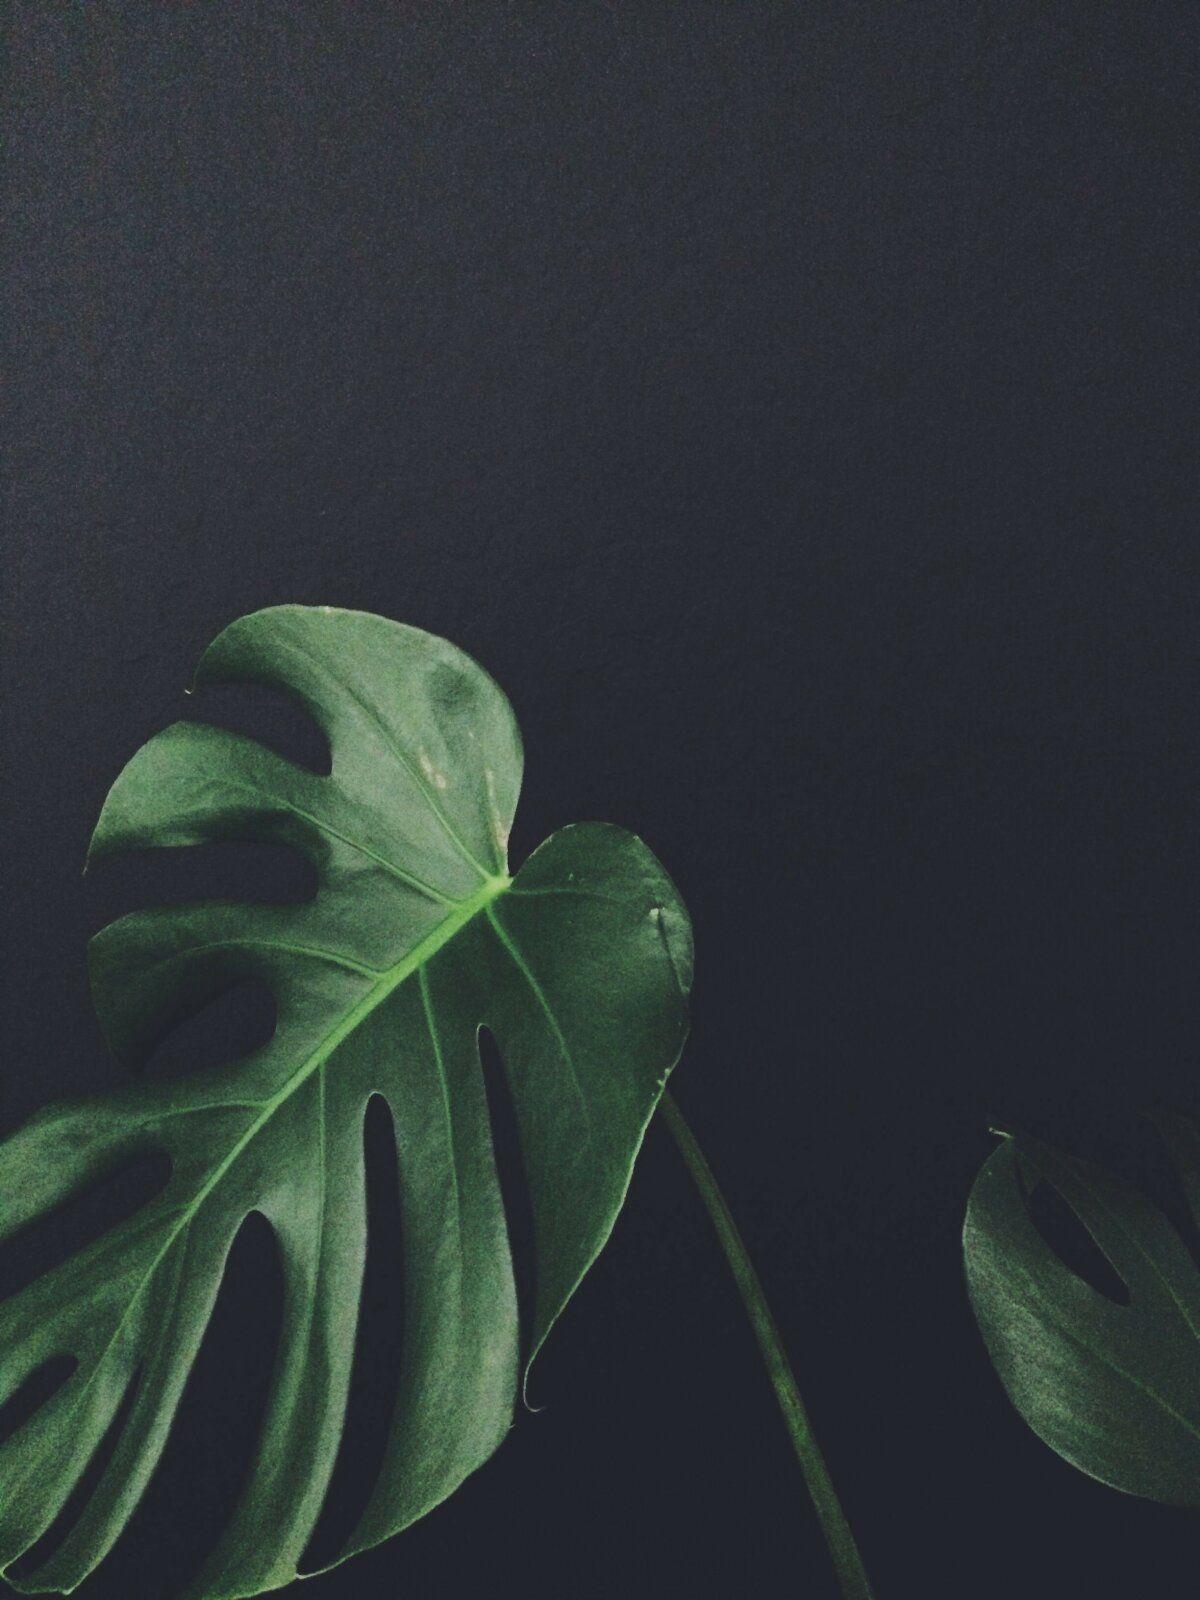 خلفيات طبيعة Nature عالية الوضوح Monstera ورق أوراق شجر 28 Plants Green Plants Planting Flowers